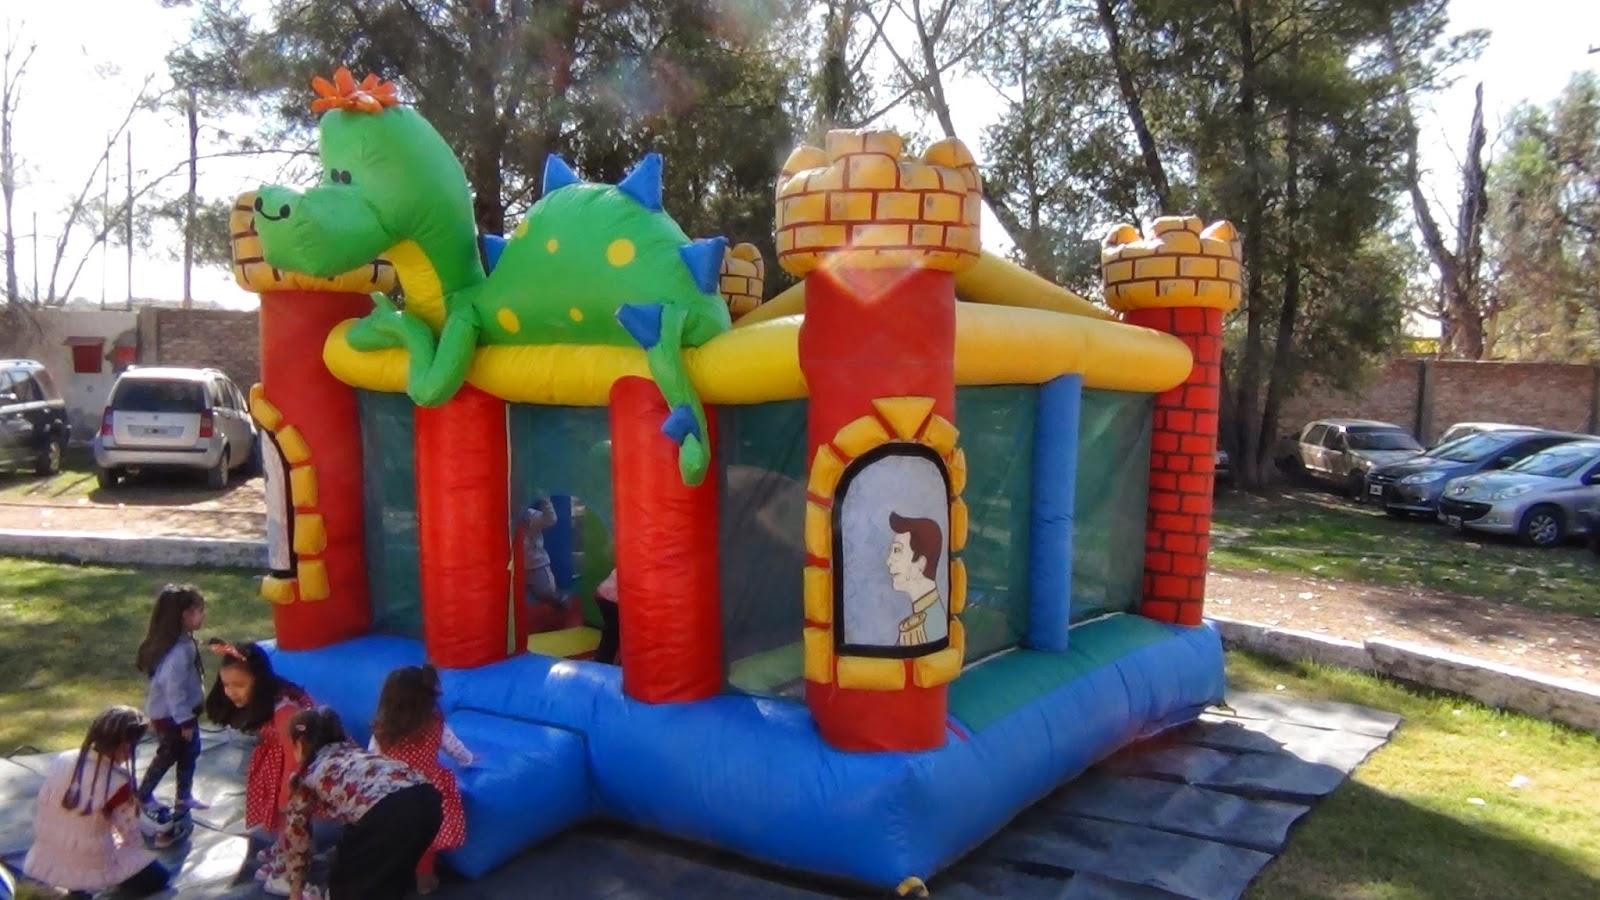 Alquiler De Juegos Inflables Metegol Ping Pong Tejo Y Plaza